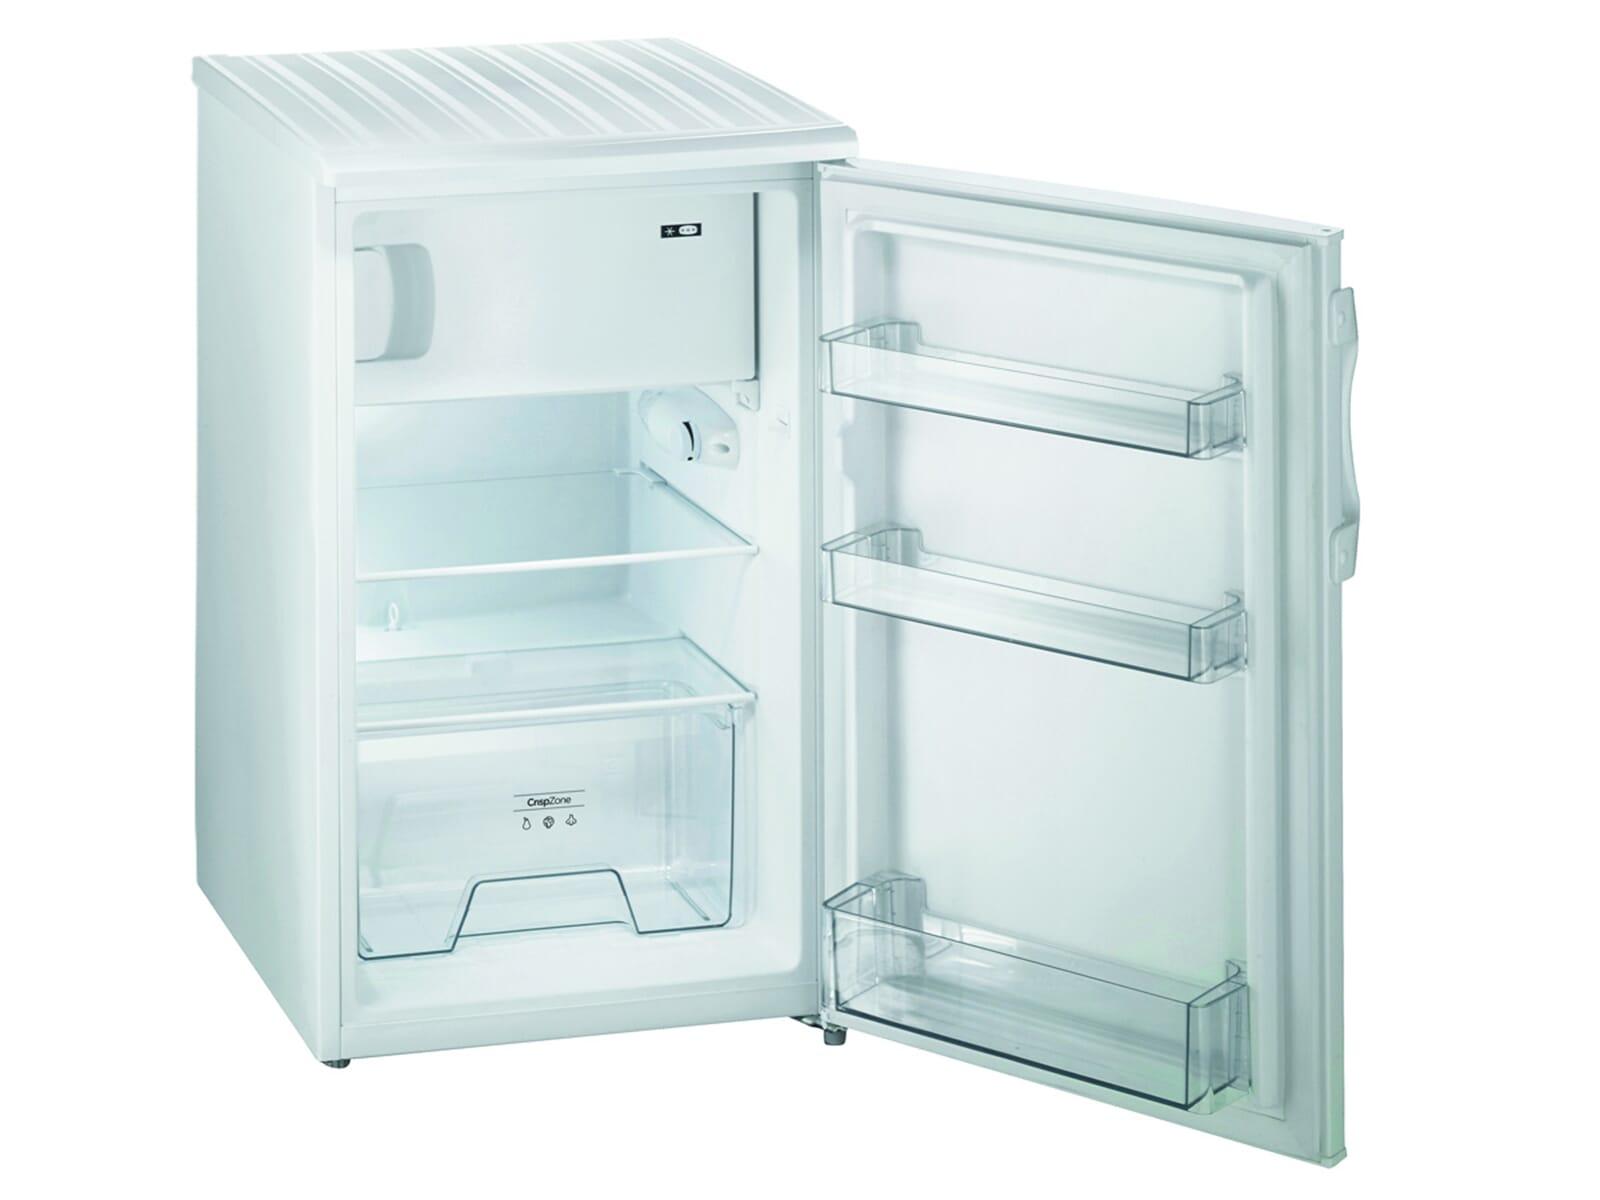 Gorenje Kühlschrank Mit Gefrierfach : Gorenje rb anw standkühlschrank mit gefrierfach unterbaufähig